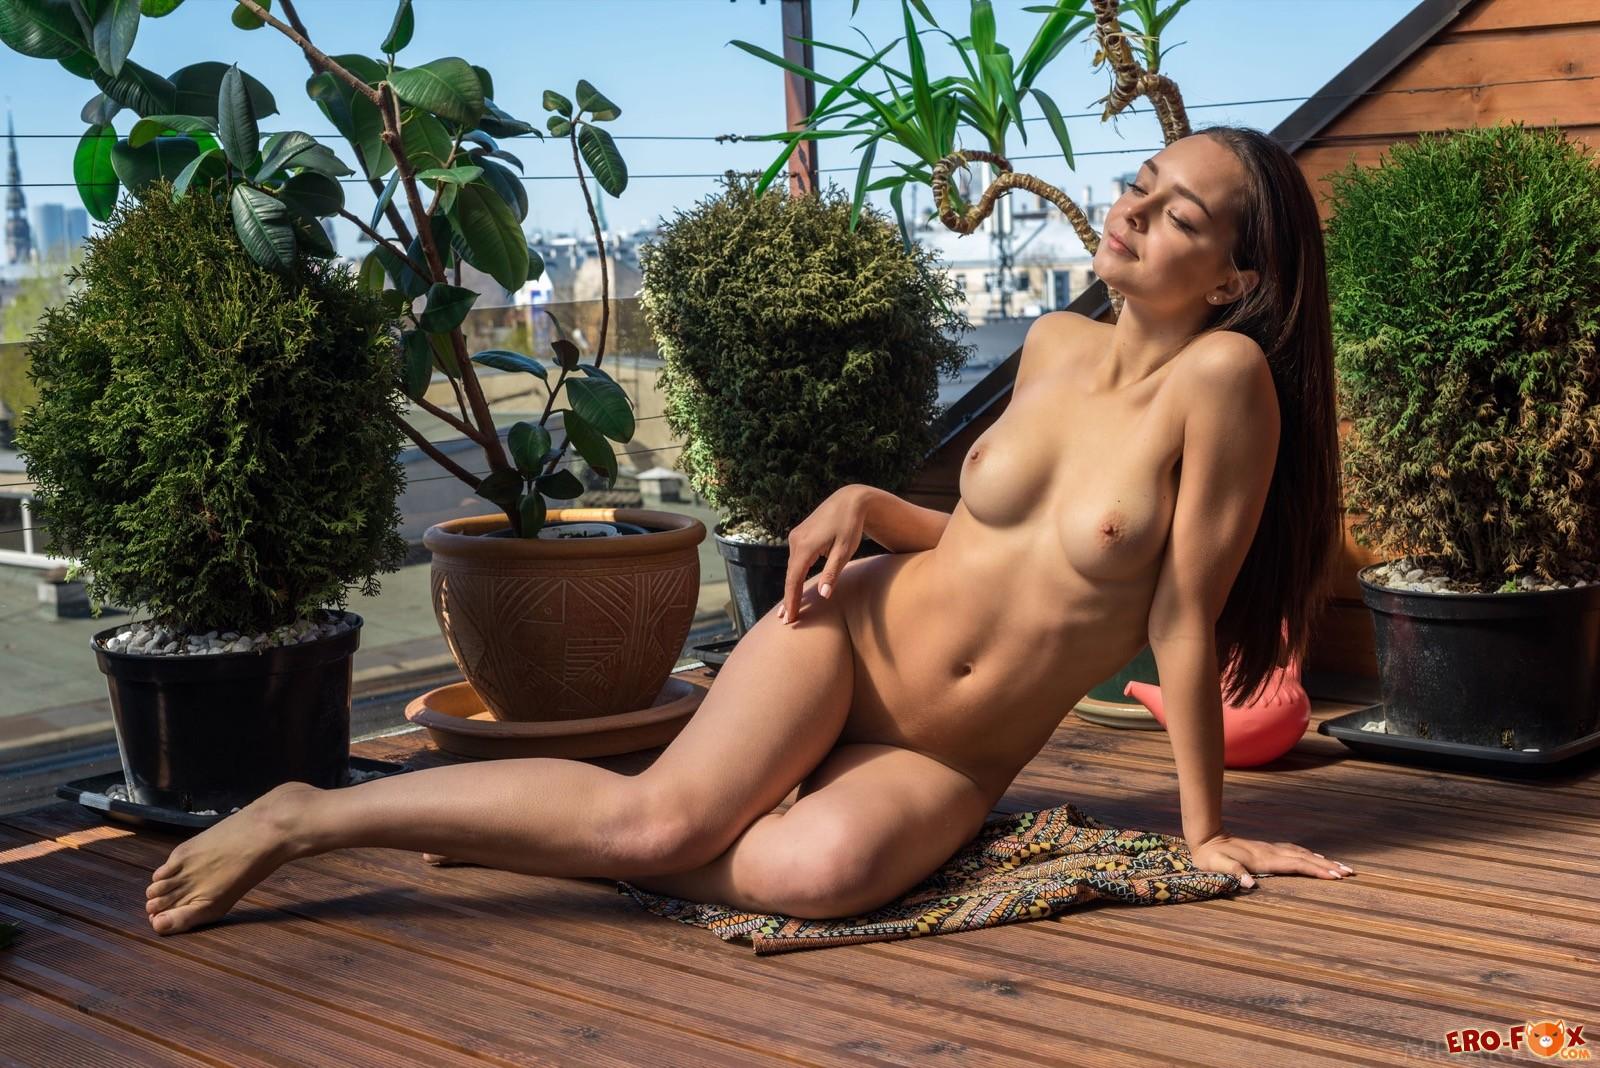 Голая девушка встала раком на терассе - фото